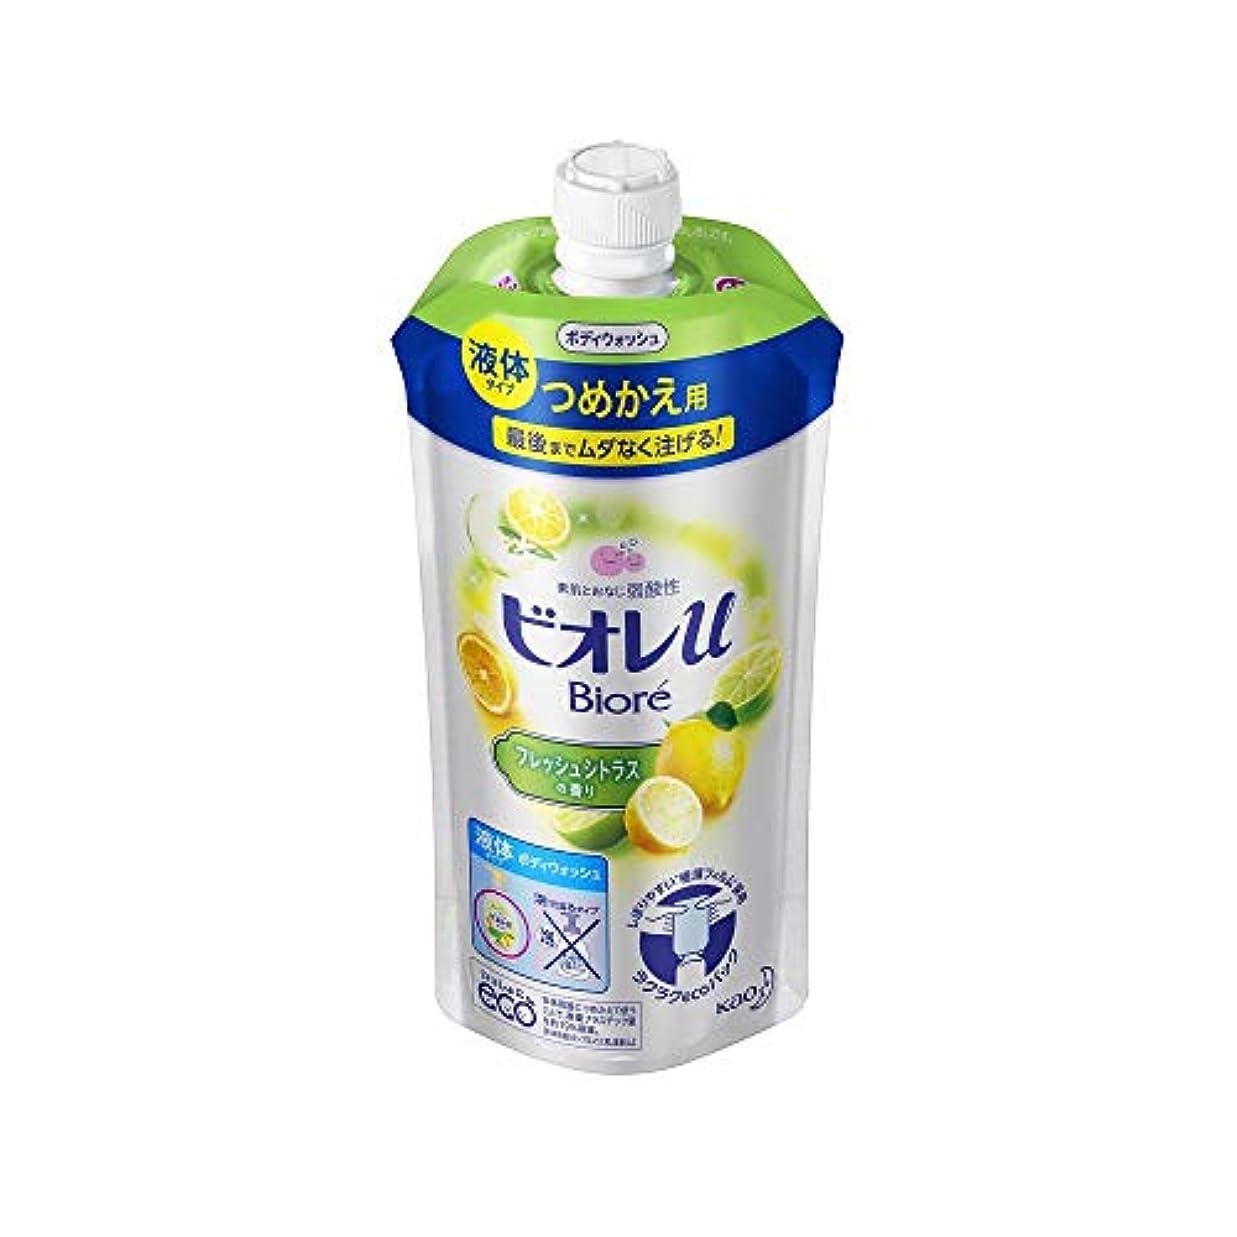 ディレクトリ鋼ひどく花王 ビオレu フレッシュシトラスの香りつめかえ用 340ML